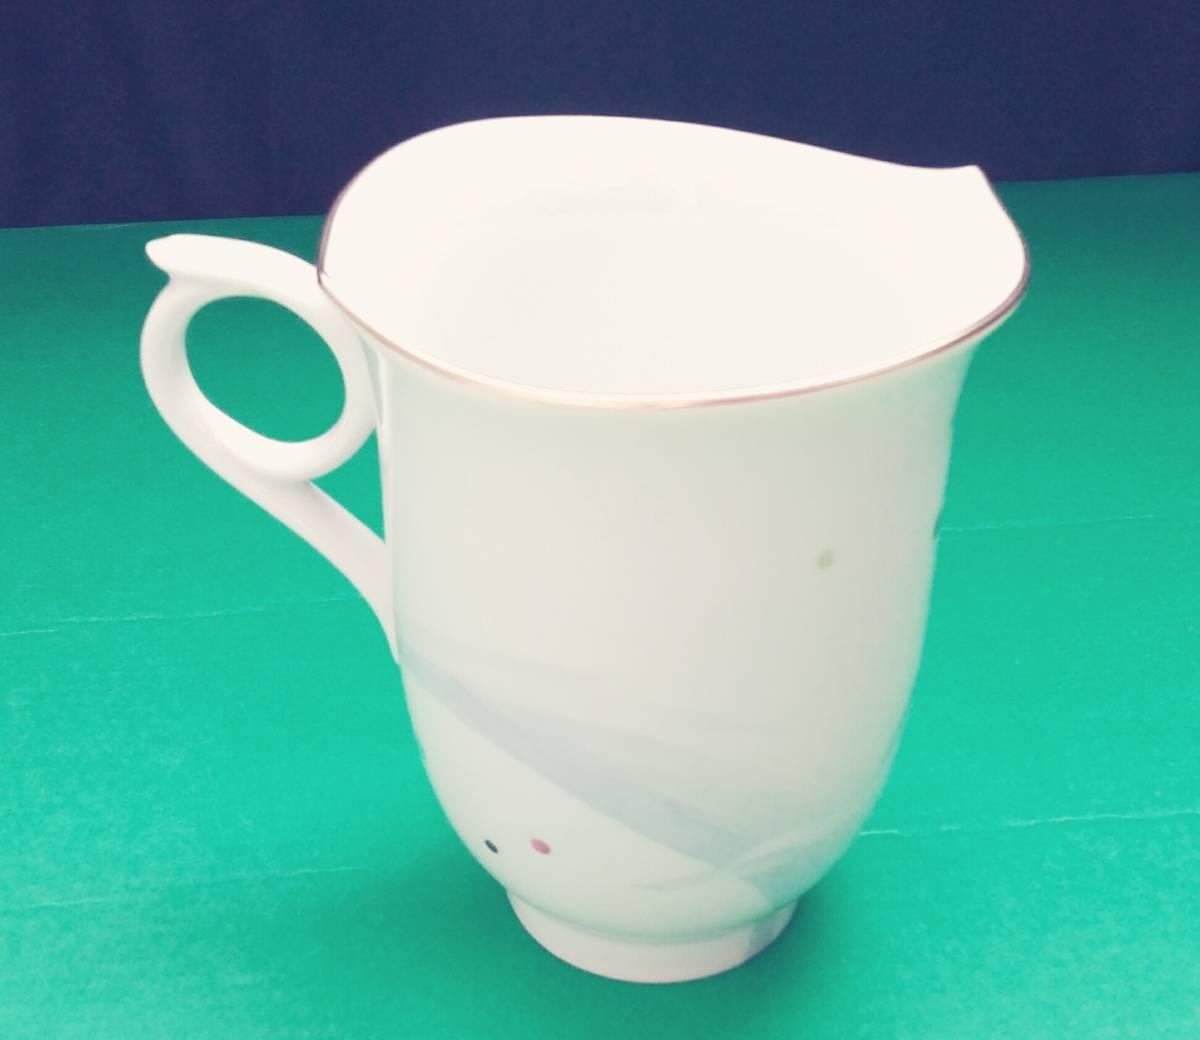 マイセンの人気コーヒーカップ&ソーサー 1客 新品未使用 送料無料_画像6